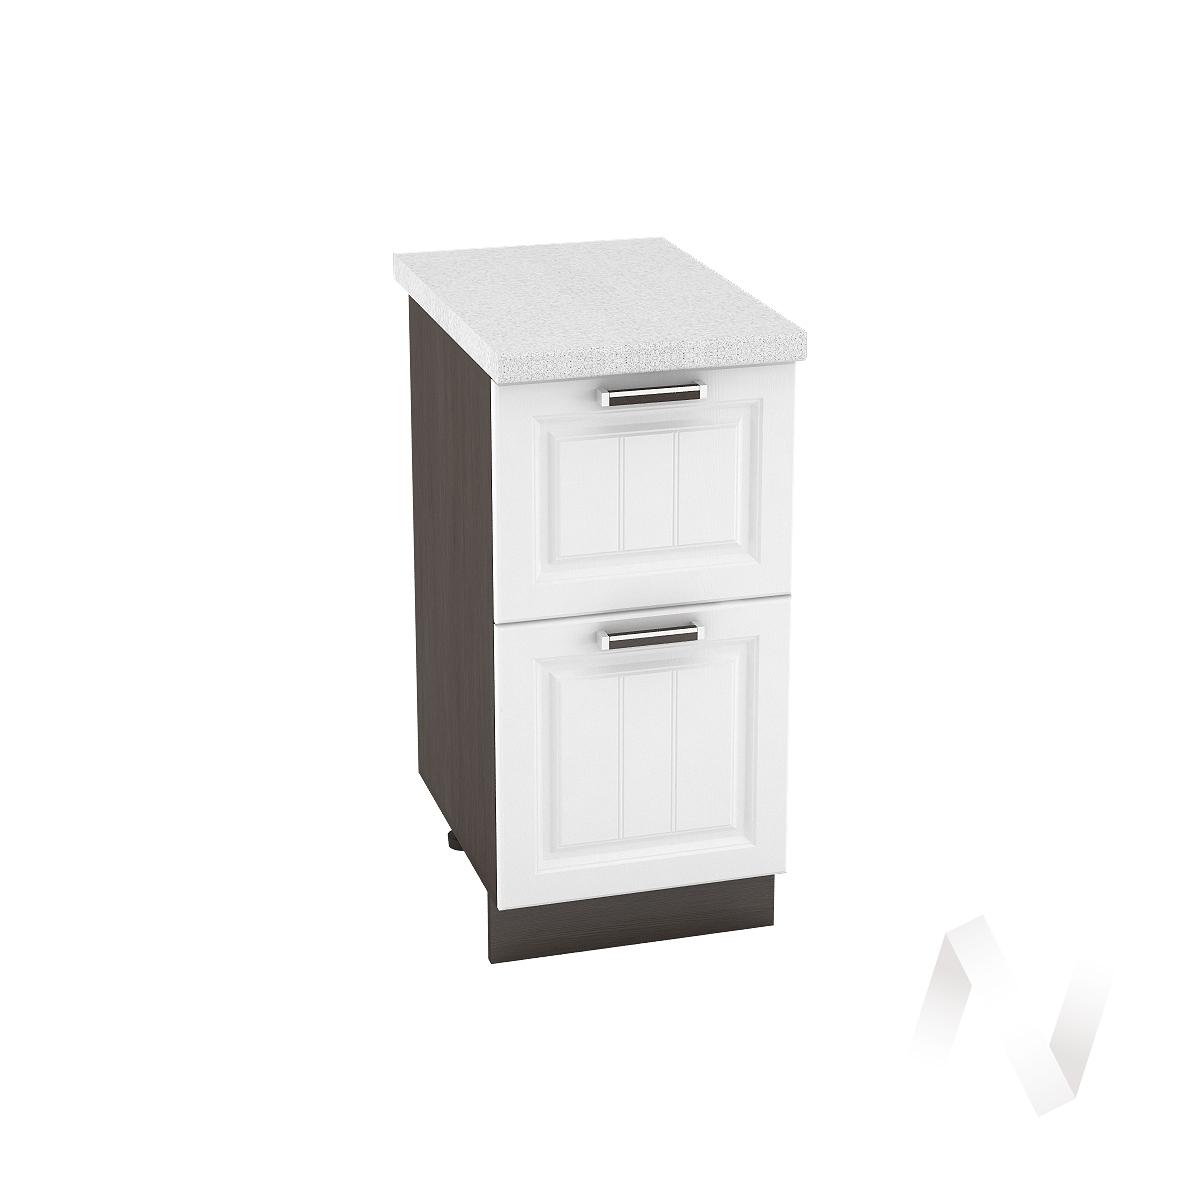 """Кухня """"Прага"""": Шкаф нижний с 2-мя ящиками 400, ШН2Я 400 (белое дерево/корпус венге)"""